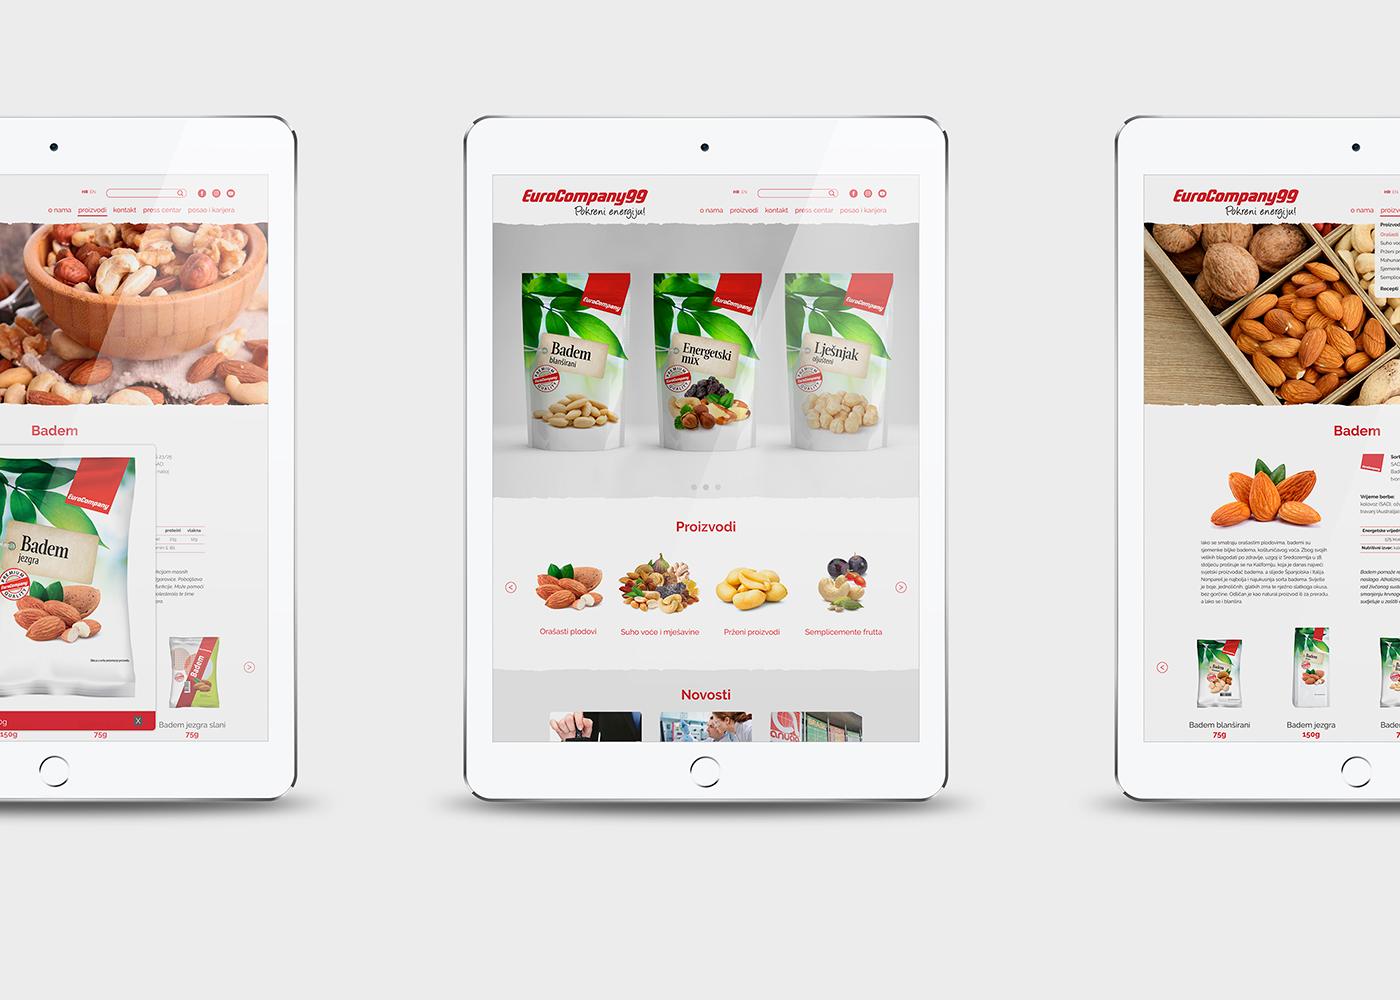 Dizajn web stranice tvrtke Eurocompany99